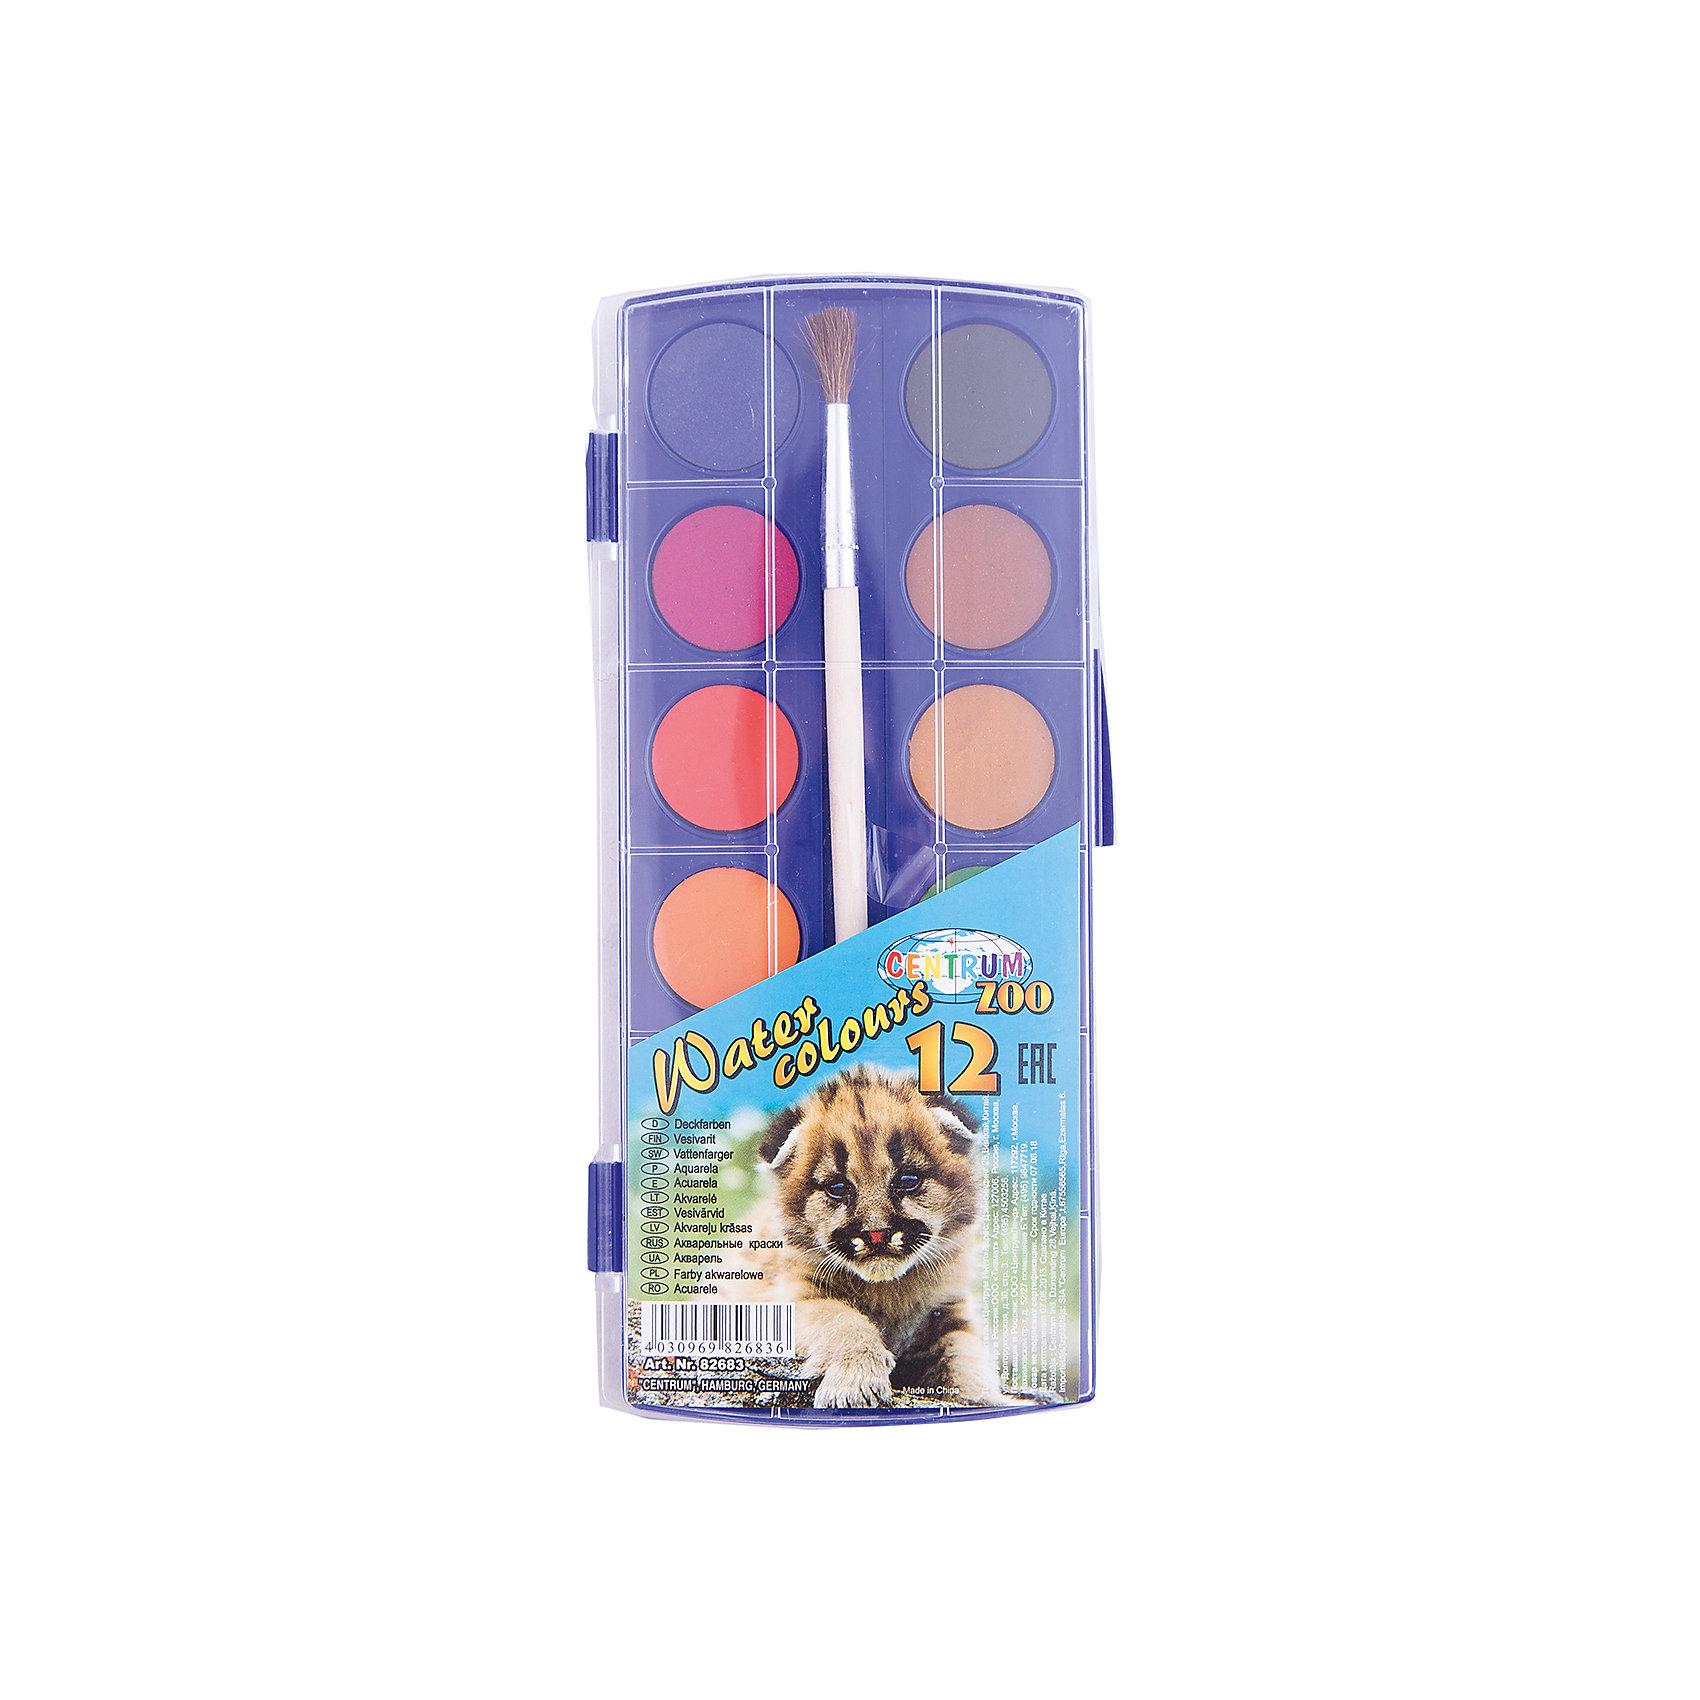 Краски акварельные сухие, 12 цветовРисование и лепка<br>Краски акварельные сухие, 12 цветов<br><br>Характеристики:<br><br>- в набор входит: краски, кисть<br>- размер упаковки: 9 * 1 * 30 см.<br>- для детей в возрасте: от 3 до 12 лет<br>- страна производитель: Китай<br><br>Целый набор ярких акварельных красок из коллекции «Зоопарк» от немецкого бренда Centrum (Центрум) понравится как девочкам, так и мальчикам! Классические двенадцать цветов, которые можно смешивать между собой позволят выполнить любой шедевр. Специальная формула красок хорошо отмывается от одежды и в тоже время позволяет цветам быть насыщенными на альбомном листе. Оттенки этих сухих красок более спокойные, чем у медовой акварели. Удобная кисточка выполнена из натурального волоса. Работая с краскам дети развивают творческие способности, аккуратность, моторику рук, усидчивость, восприятие цвета и логику смешивания цветов, выражают свой внутренний мир в рисунках. <br><br>Краски акварельные сухие, 12 цветов можно купить в нашем интернет-магазине.<br><br>Ширина мм: 300<br>Глубина мм: 90<br>Высота мм: 10<br>Вес г: 120<br>Возраст от месяцев: 36<br>Возраст до месяцев: 120<br>Пол: Унисекс<br>Возраст: Детский<br>SKU: 5175463